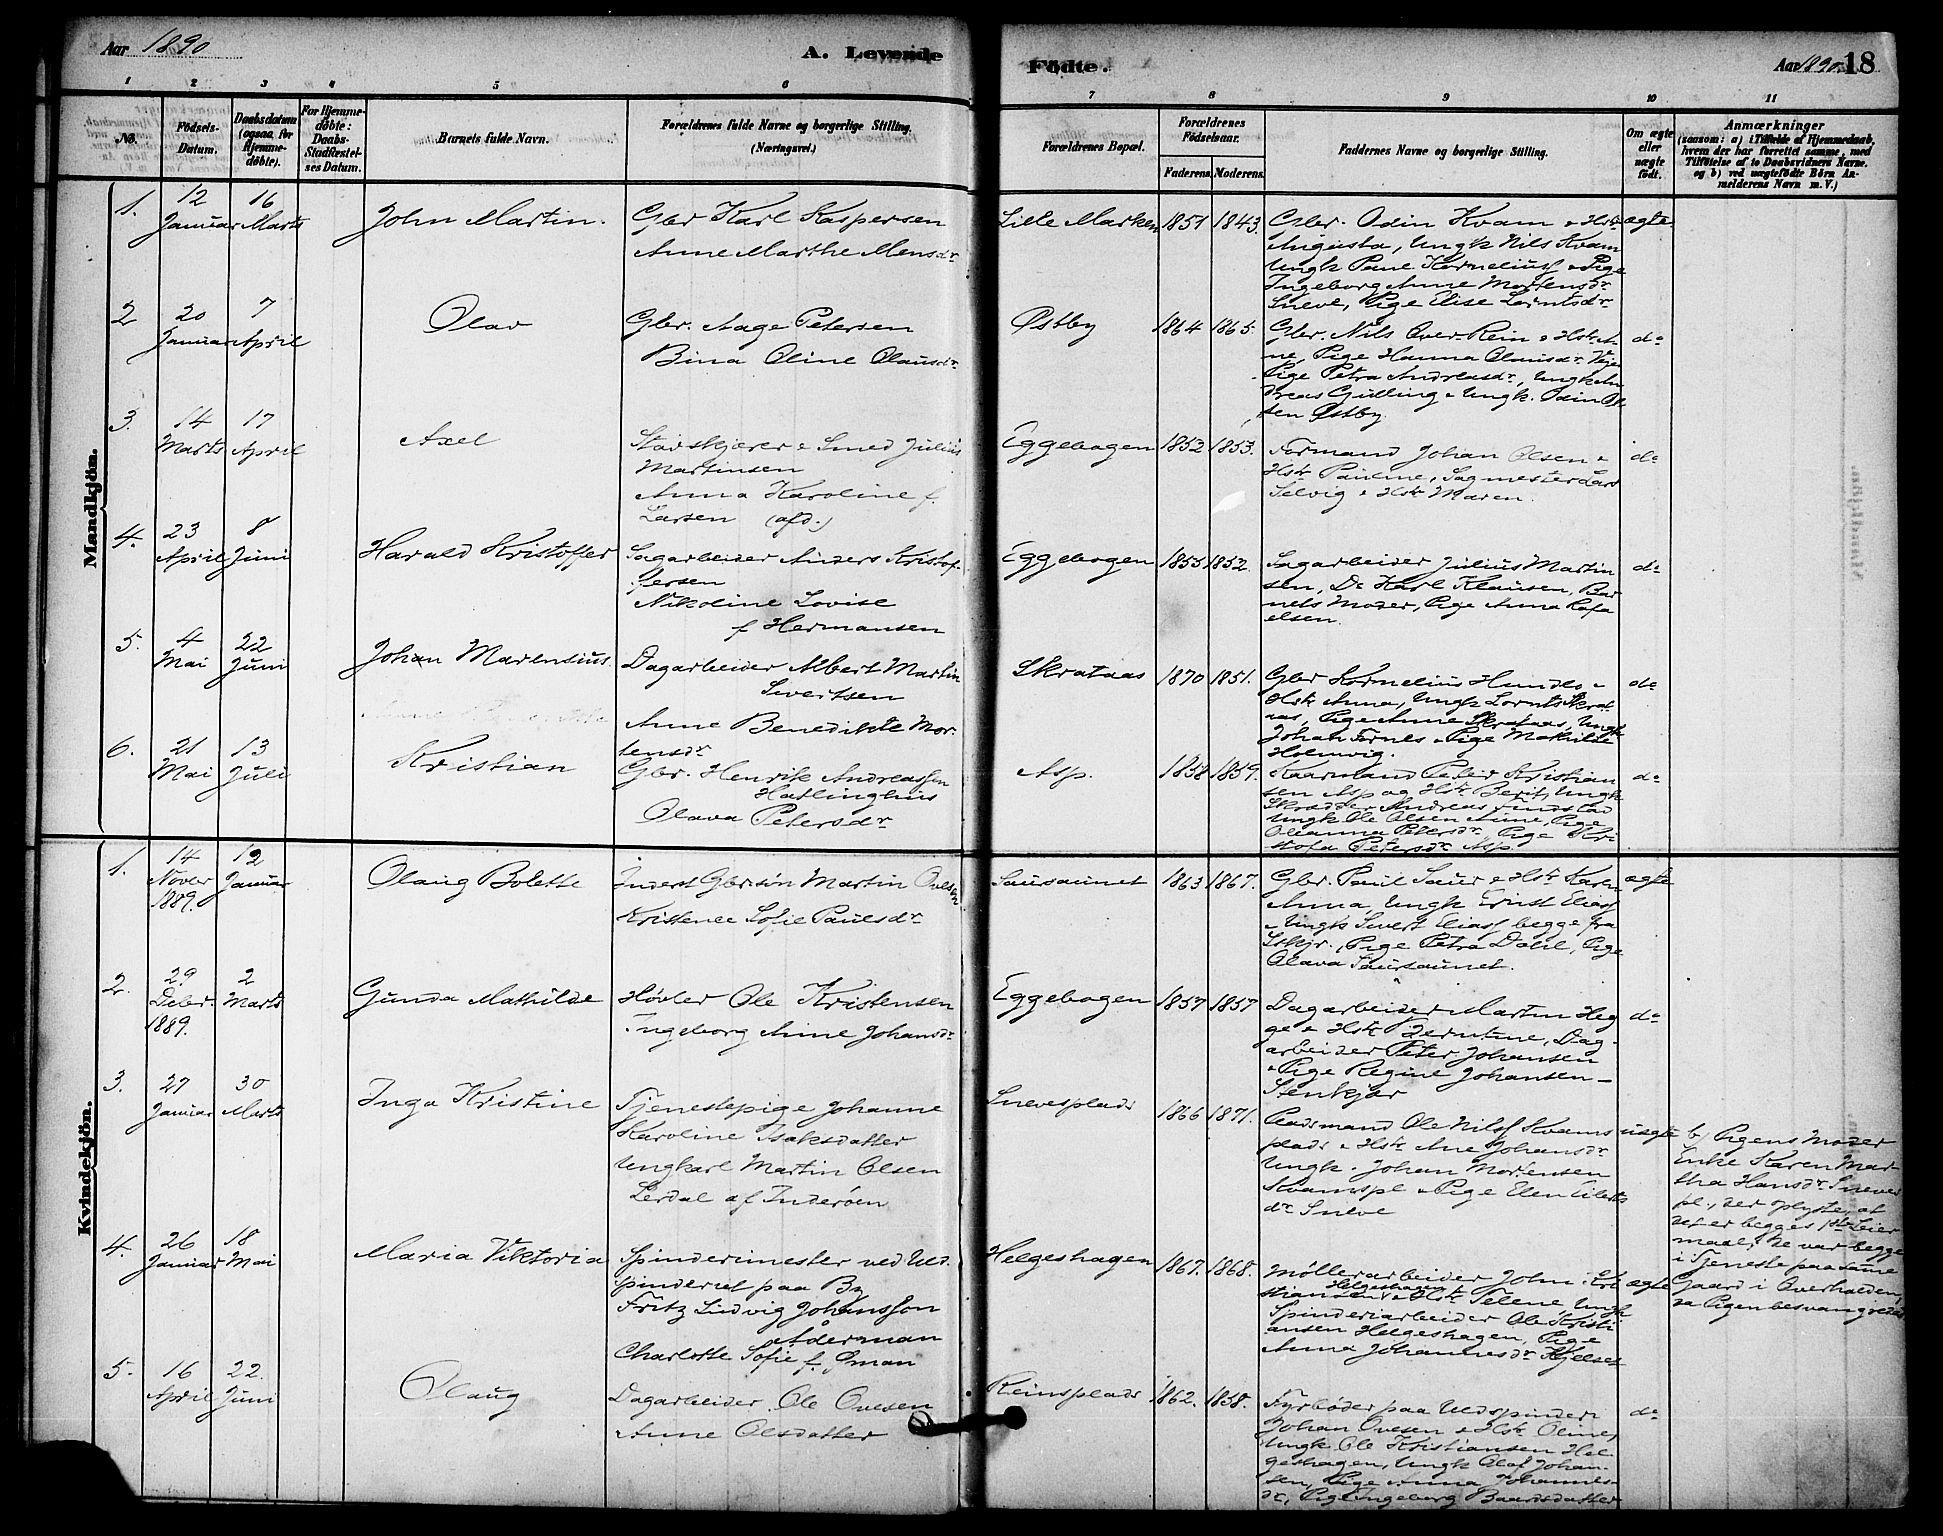 SAT, Ministerialprotokoller, klokkerbøker og fødselsregistre - Nord-Trøndelag, 740/L0378: Ministerialbok nr. 740A01, 1881-1895, s. 18